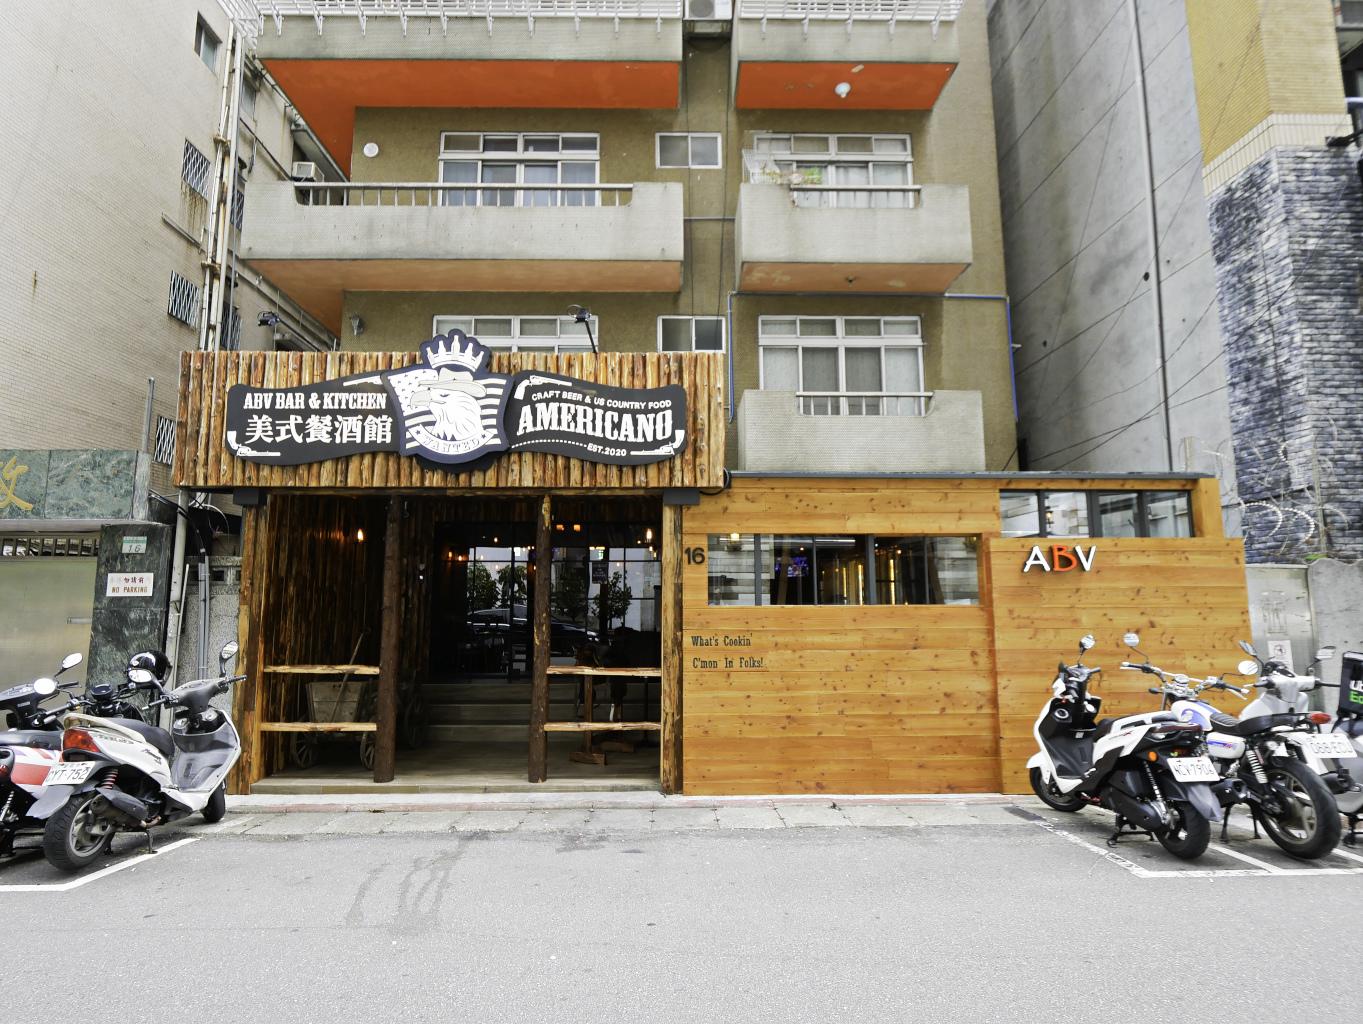 ABV Bar&Kitchen 美式餐酒館-3.jpg